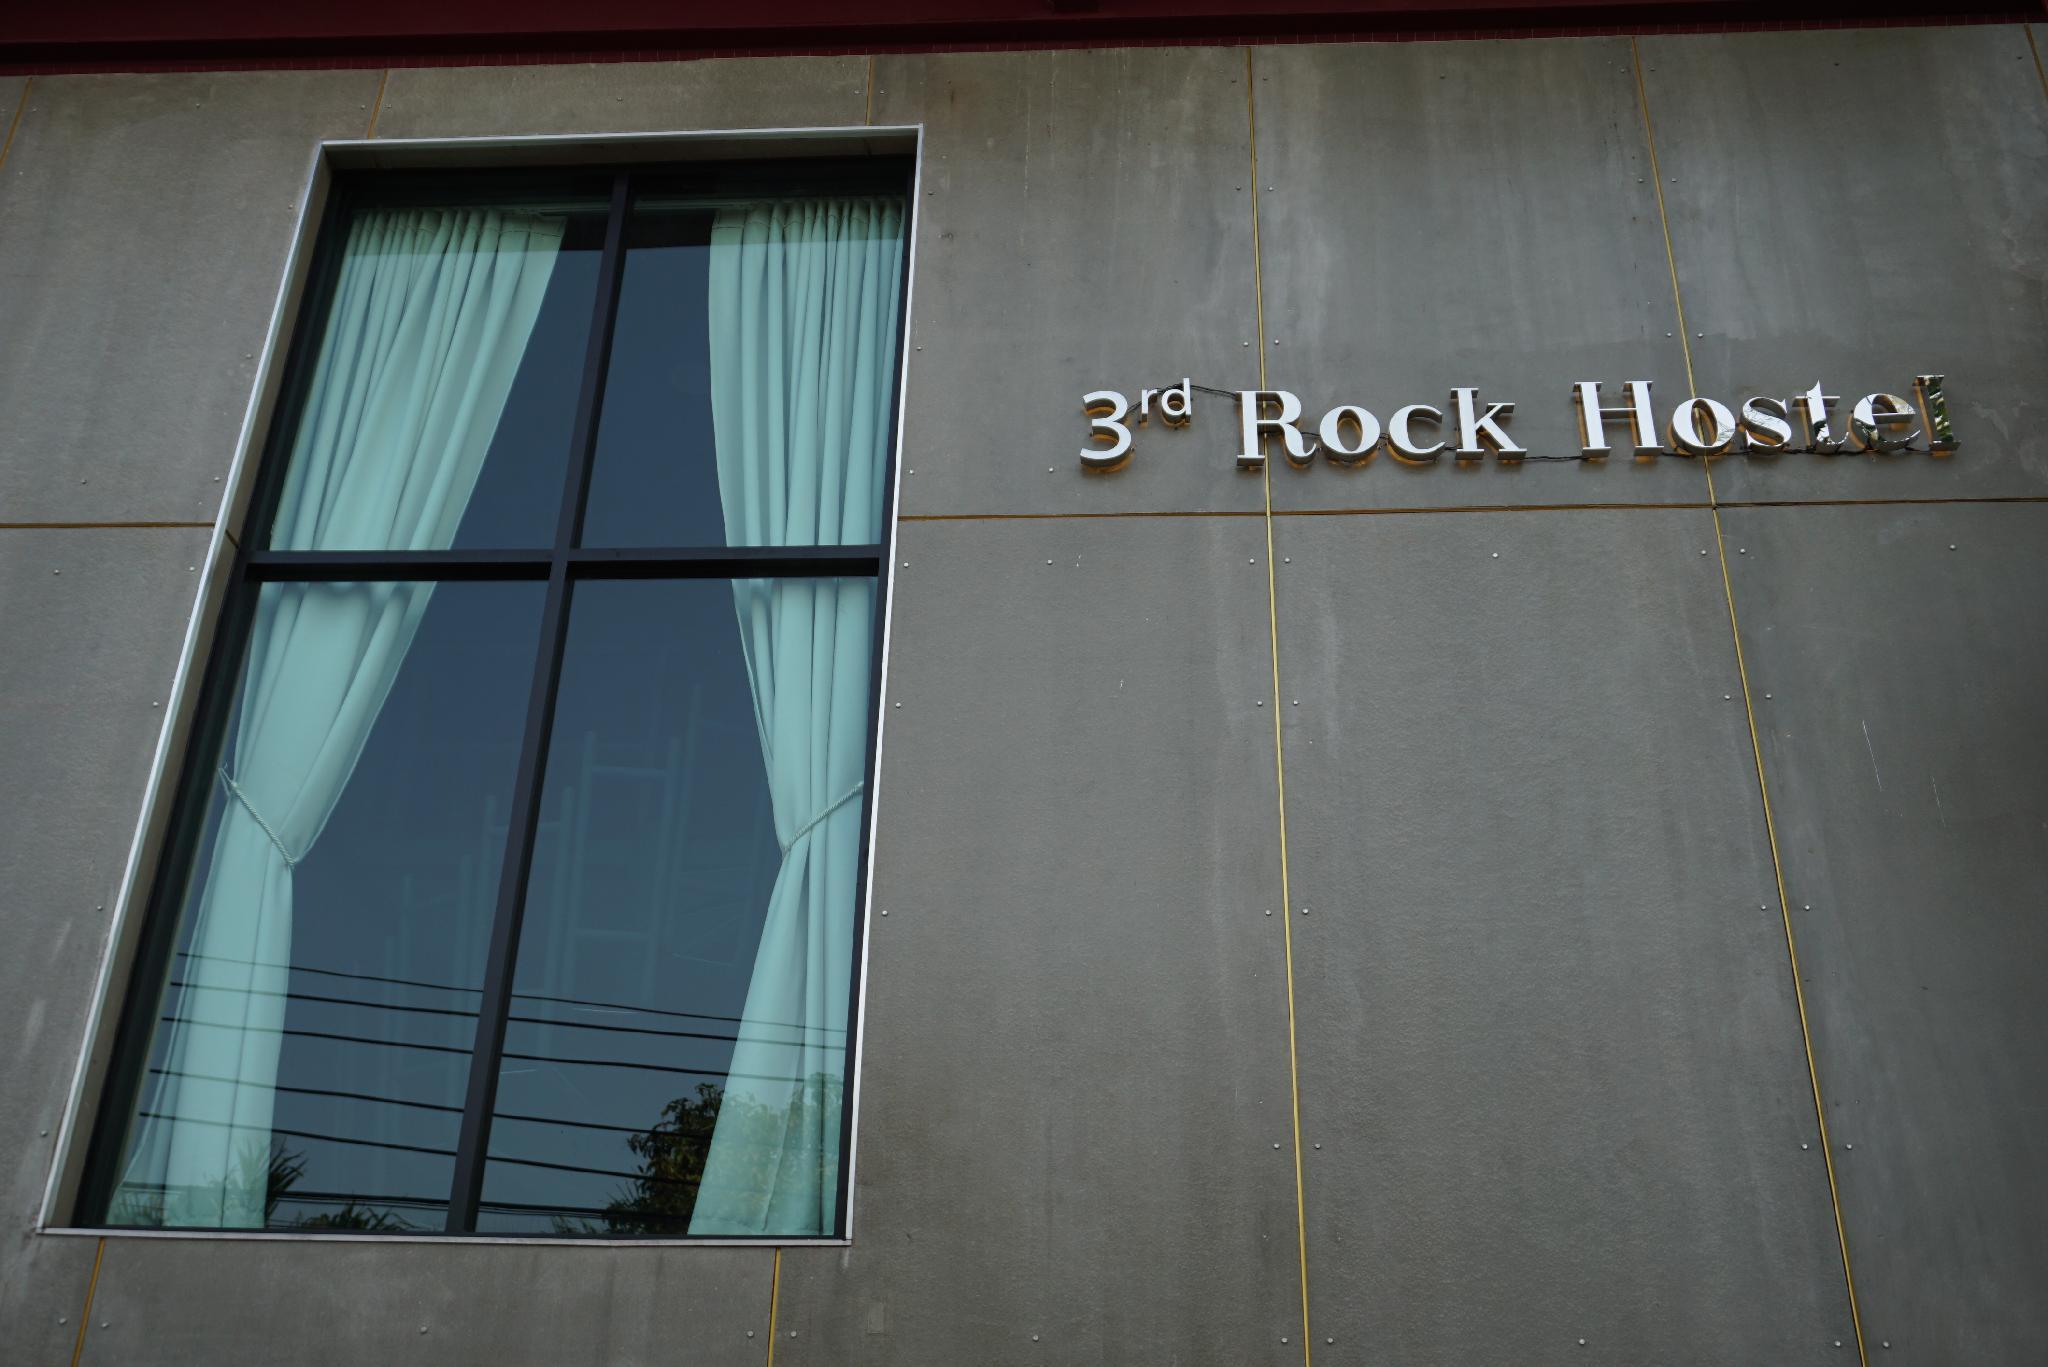 3rd Rock Hostel